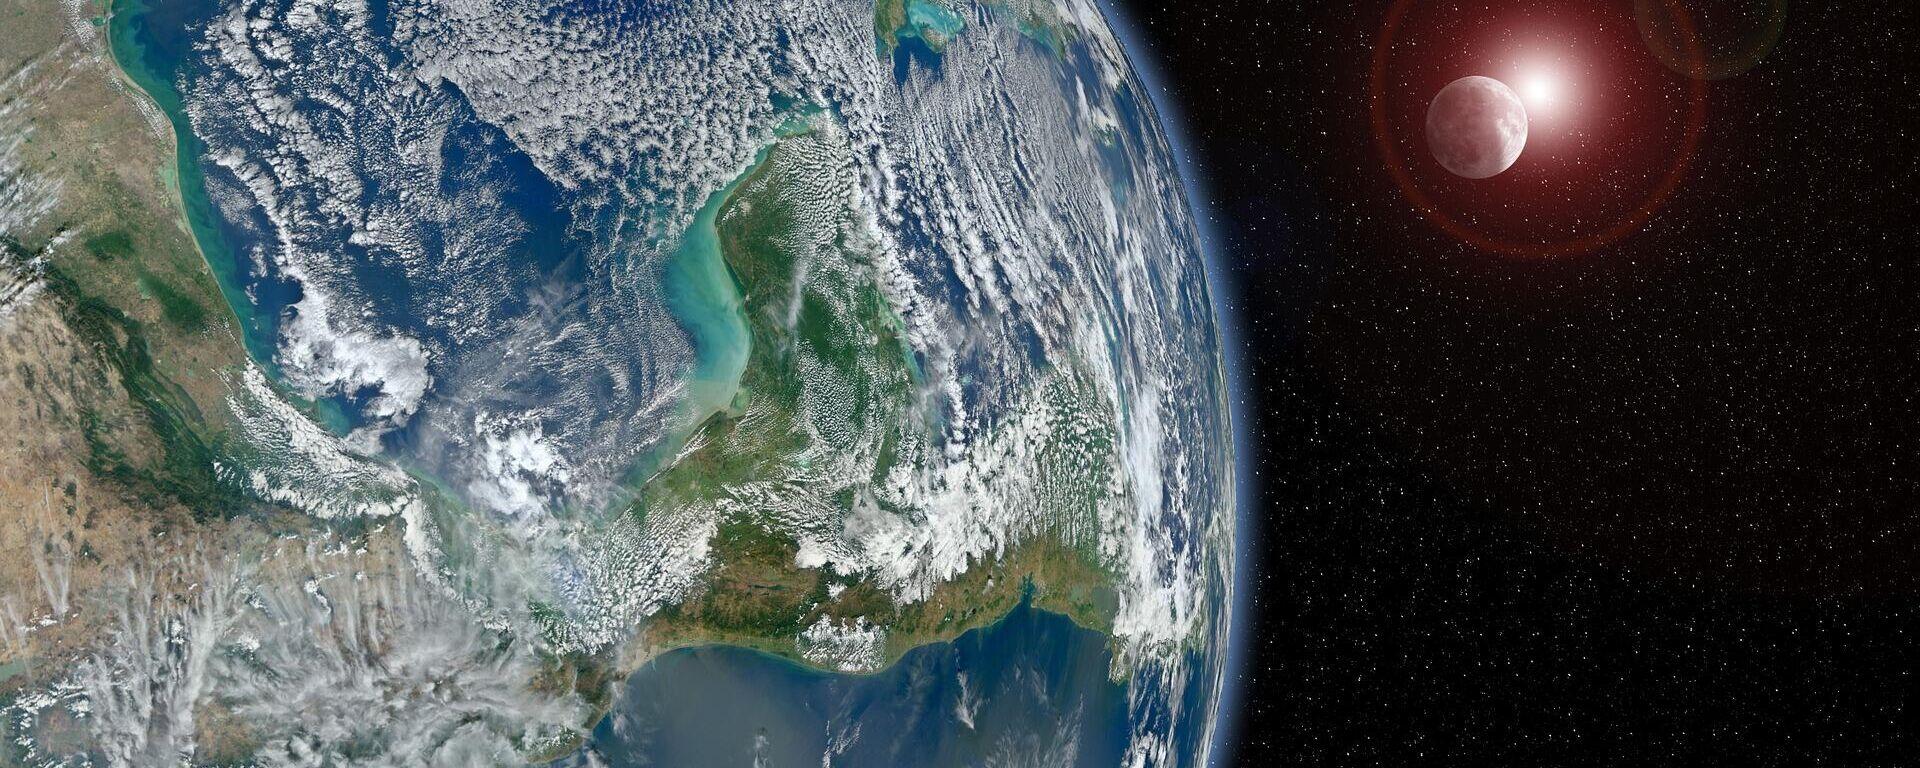 Erde (Symbolbild) - SNA, 1920, 14.01.2021